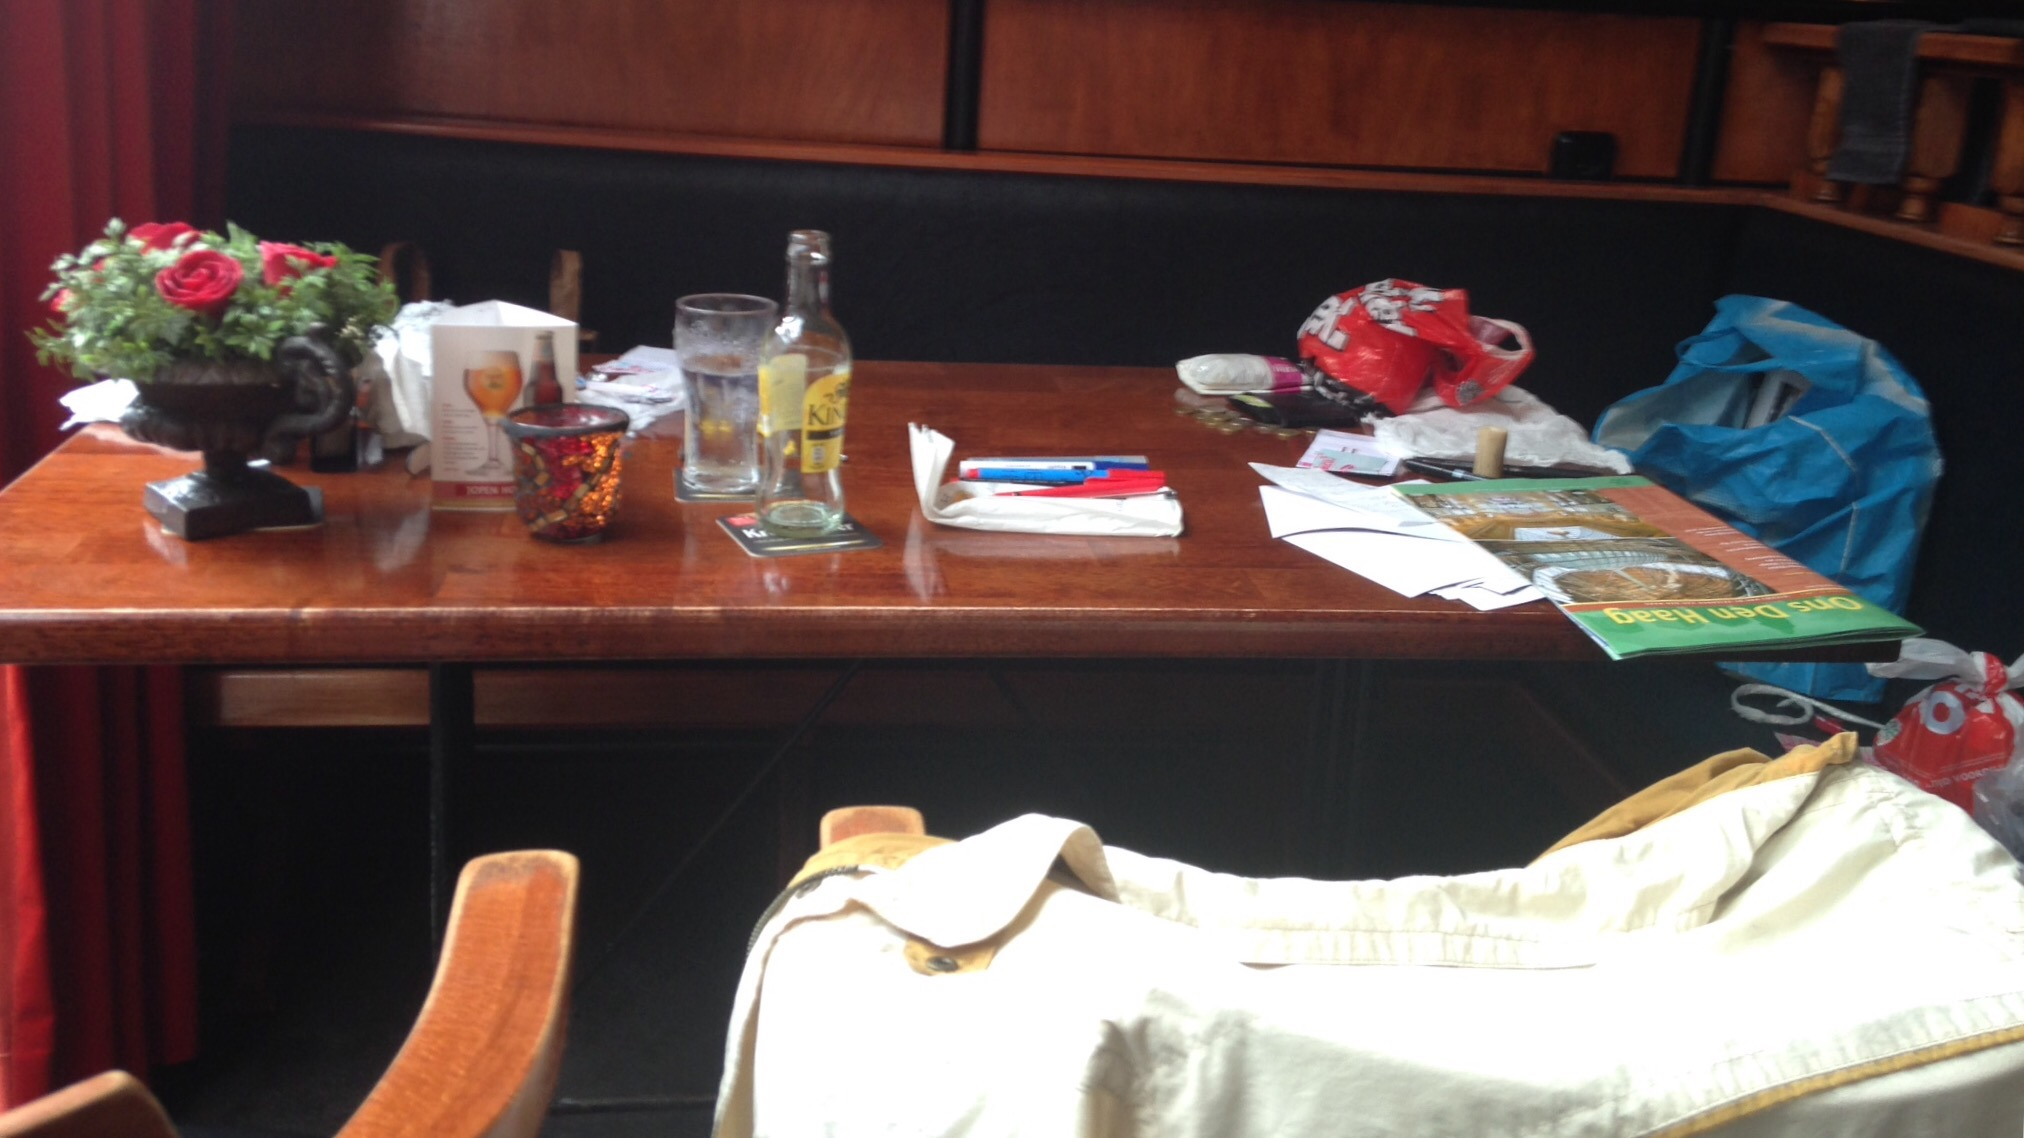 De man aan de tafel